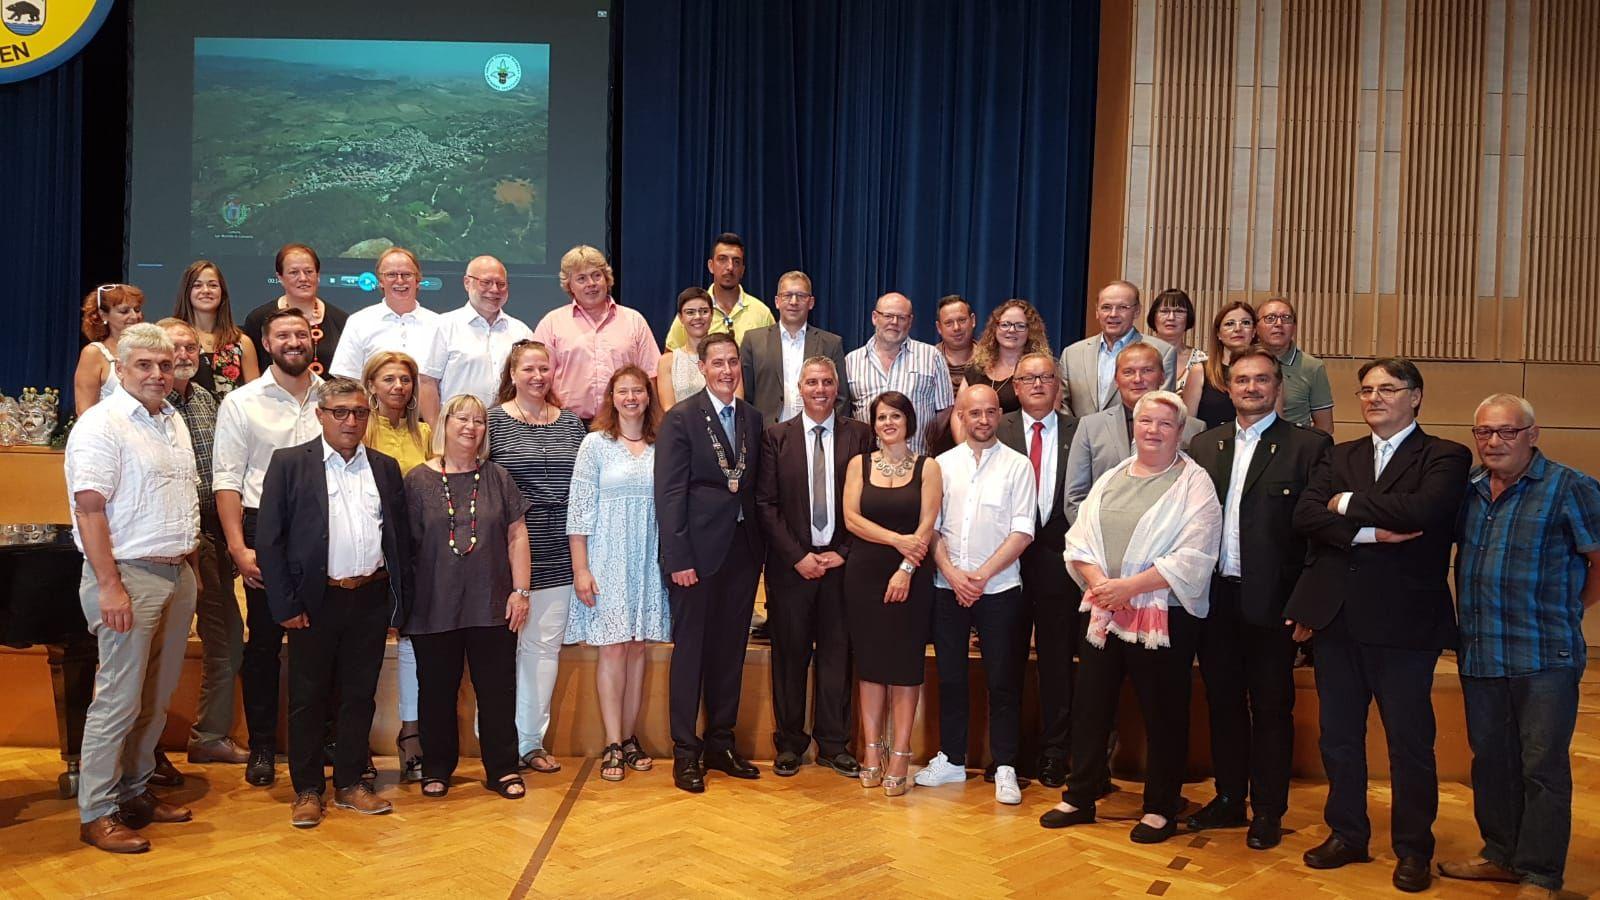 Gruppenfoto anlässlich der Beurkundung der Partnerschaft mit San Michele di Ganzaria